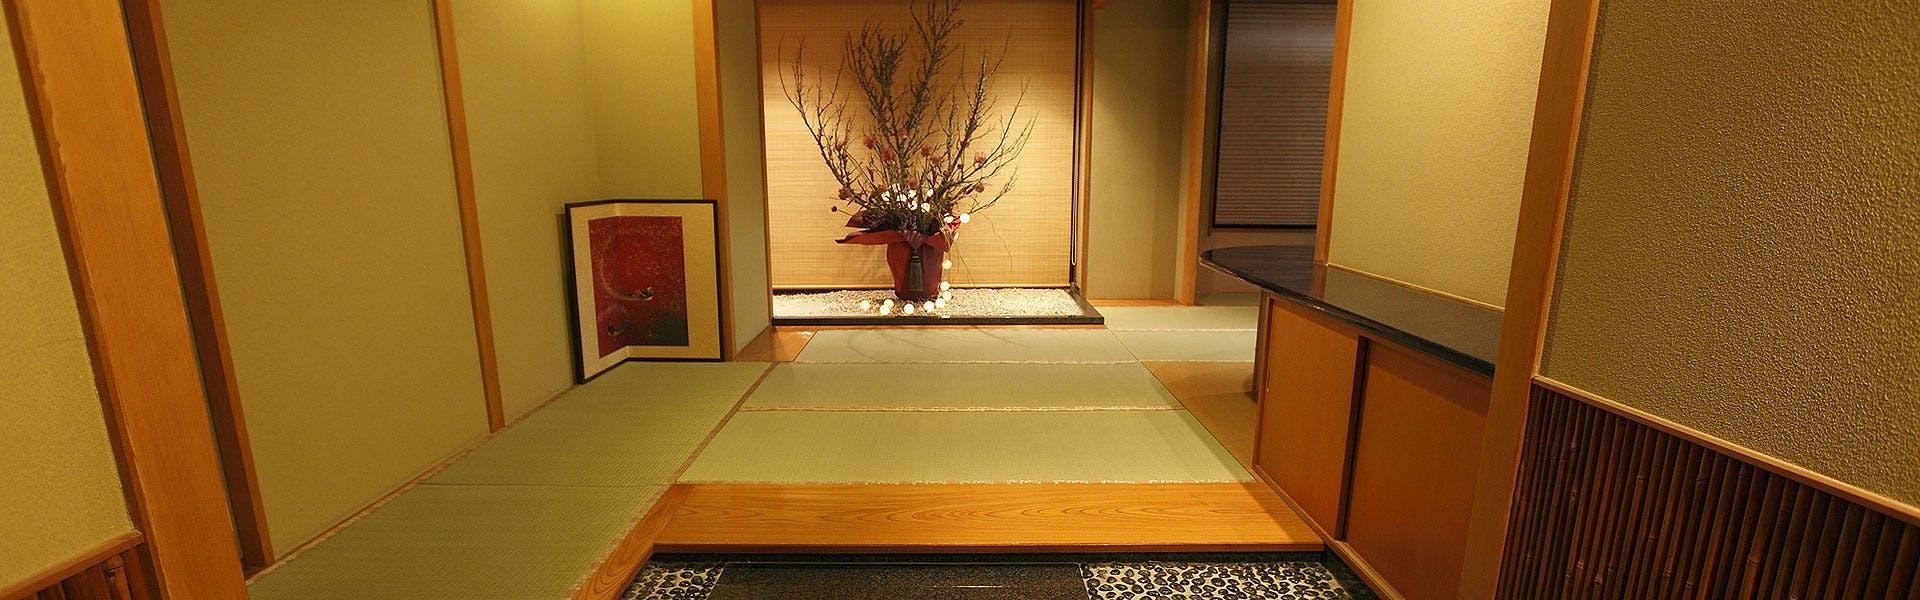 記念日におすすめのホテル・土肥ふじやホテルの写真2